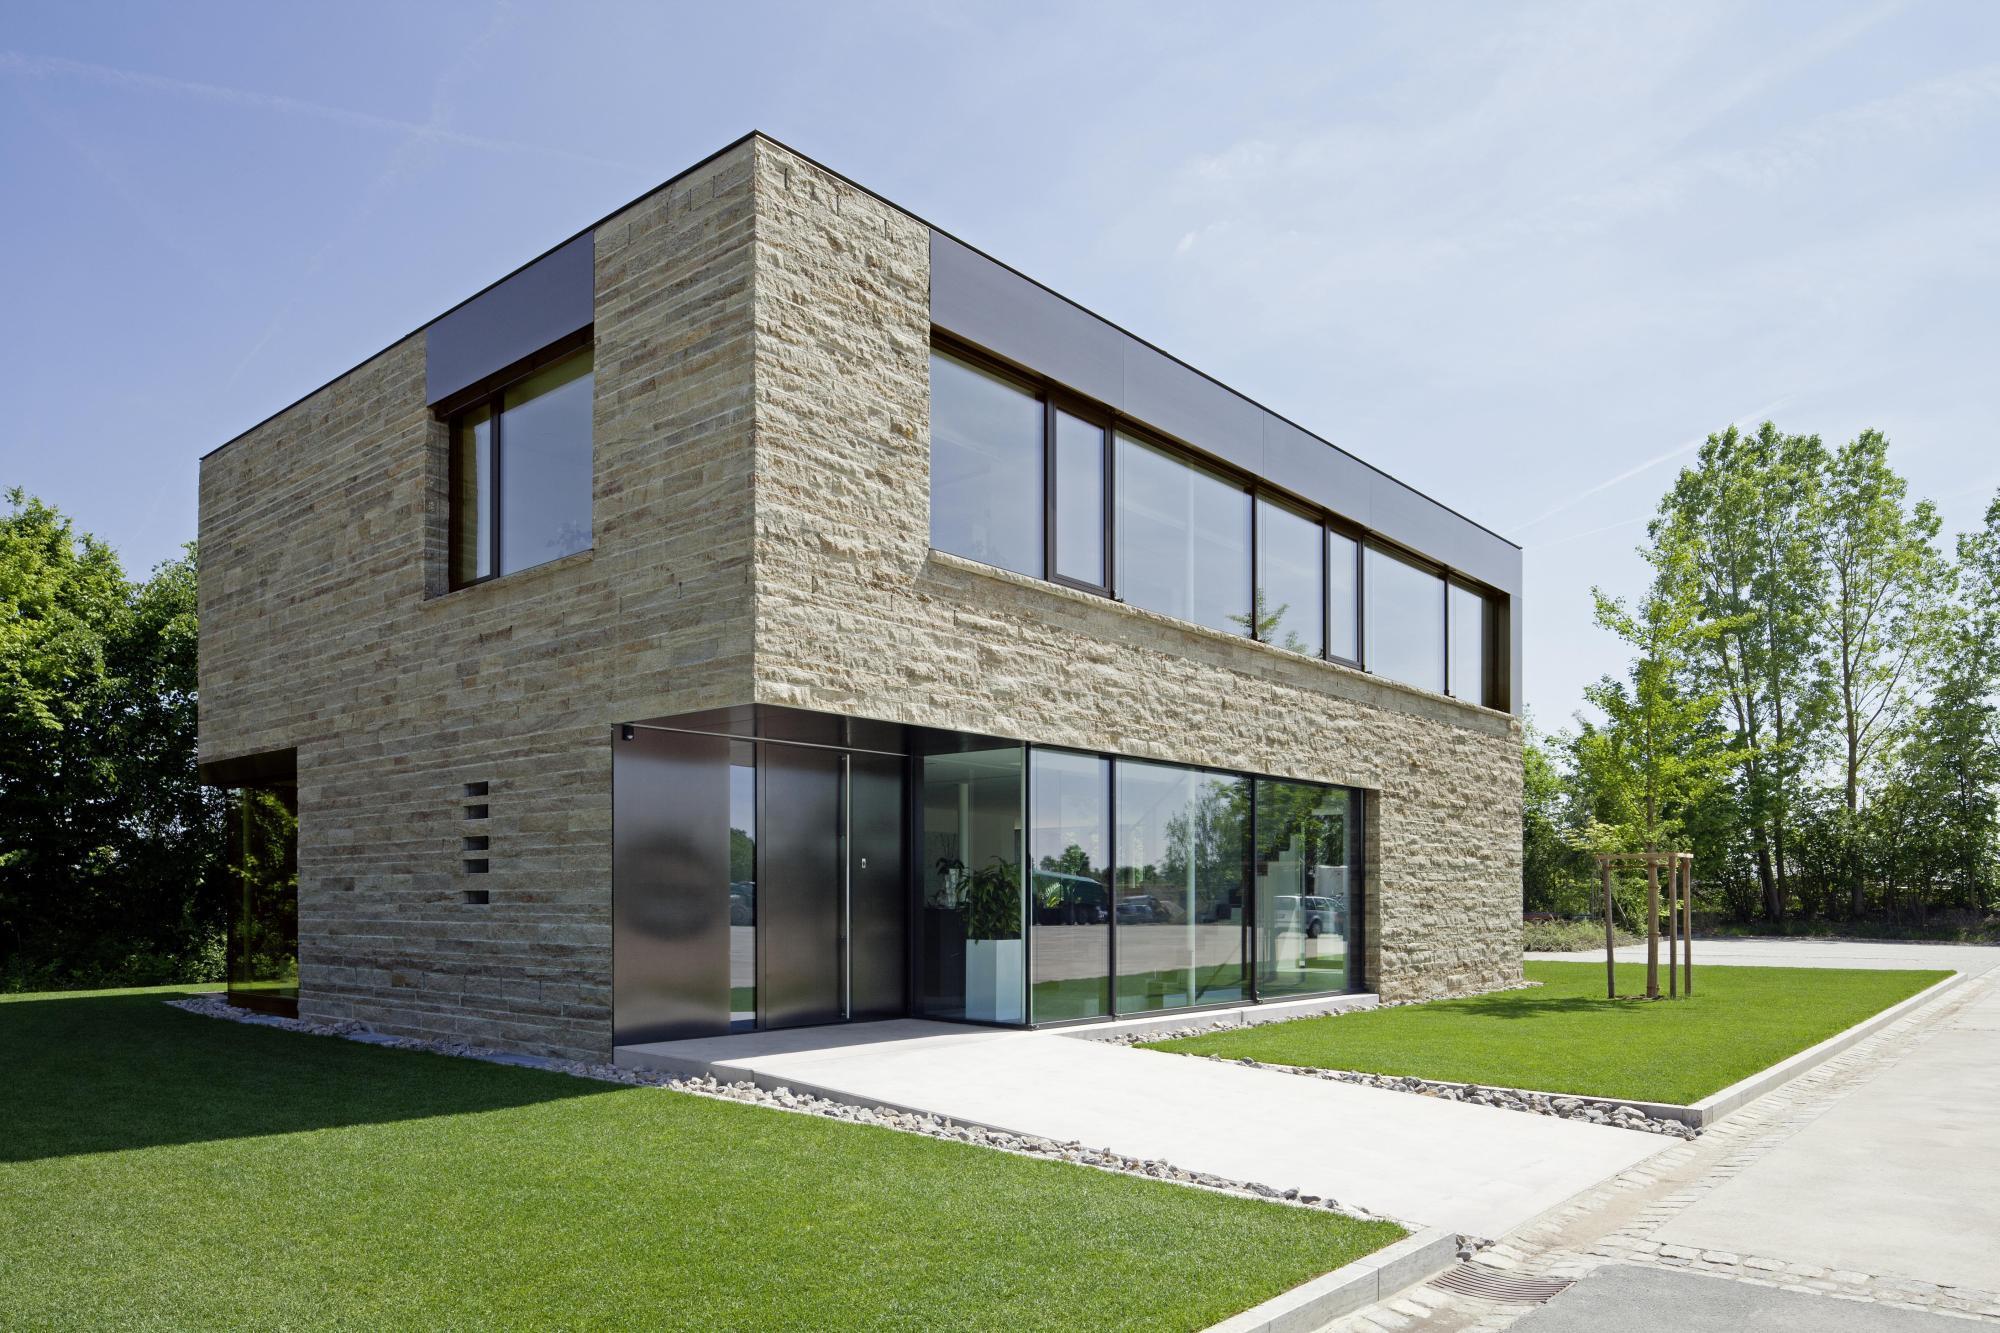 architektur b ro j cklein volkach architekten baunetz. Black Bedroom Furniture Sets. Home Design Ideas